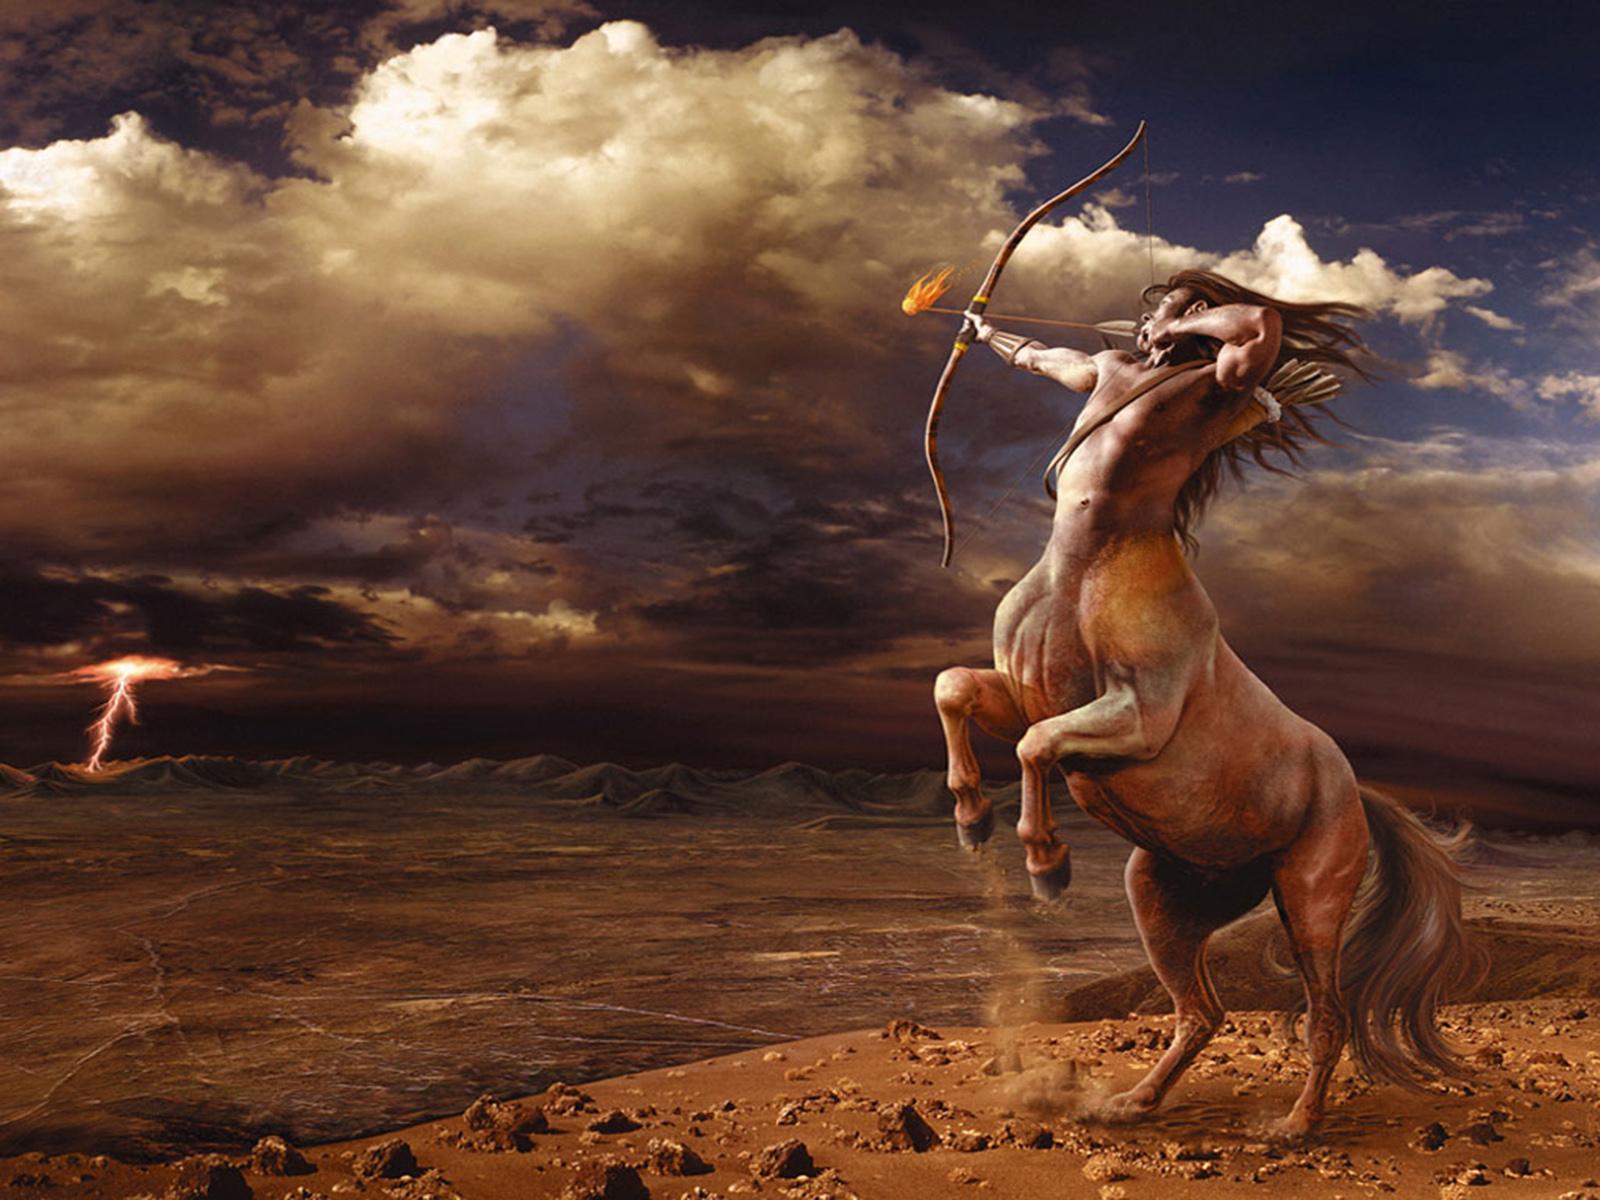 Sagitario está representado por el Centauro, hombres con extremidades de caballo.